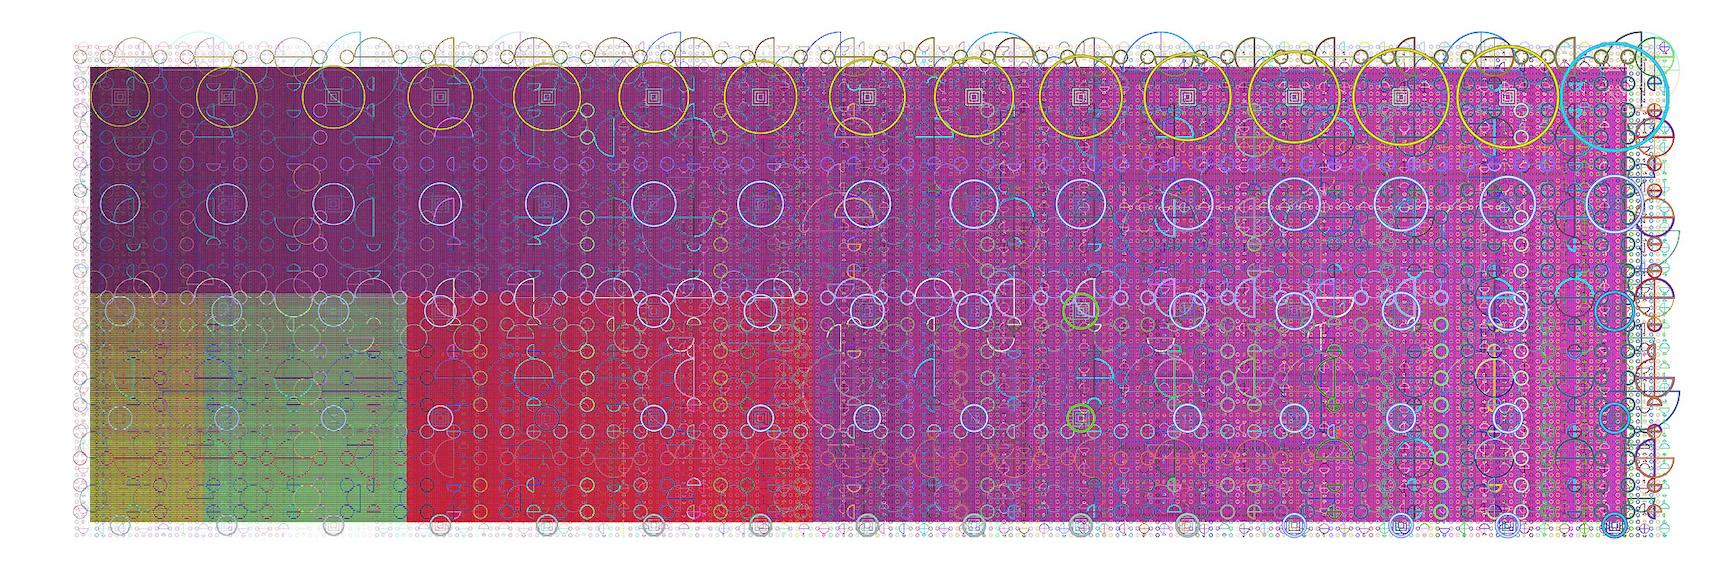 Mark Wilson, e5302, haltbarer Inkjetprint auf Hadernpapier, 23 x 61 cm, Edition von 5, signiert und datiert, 2008